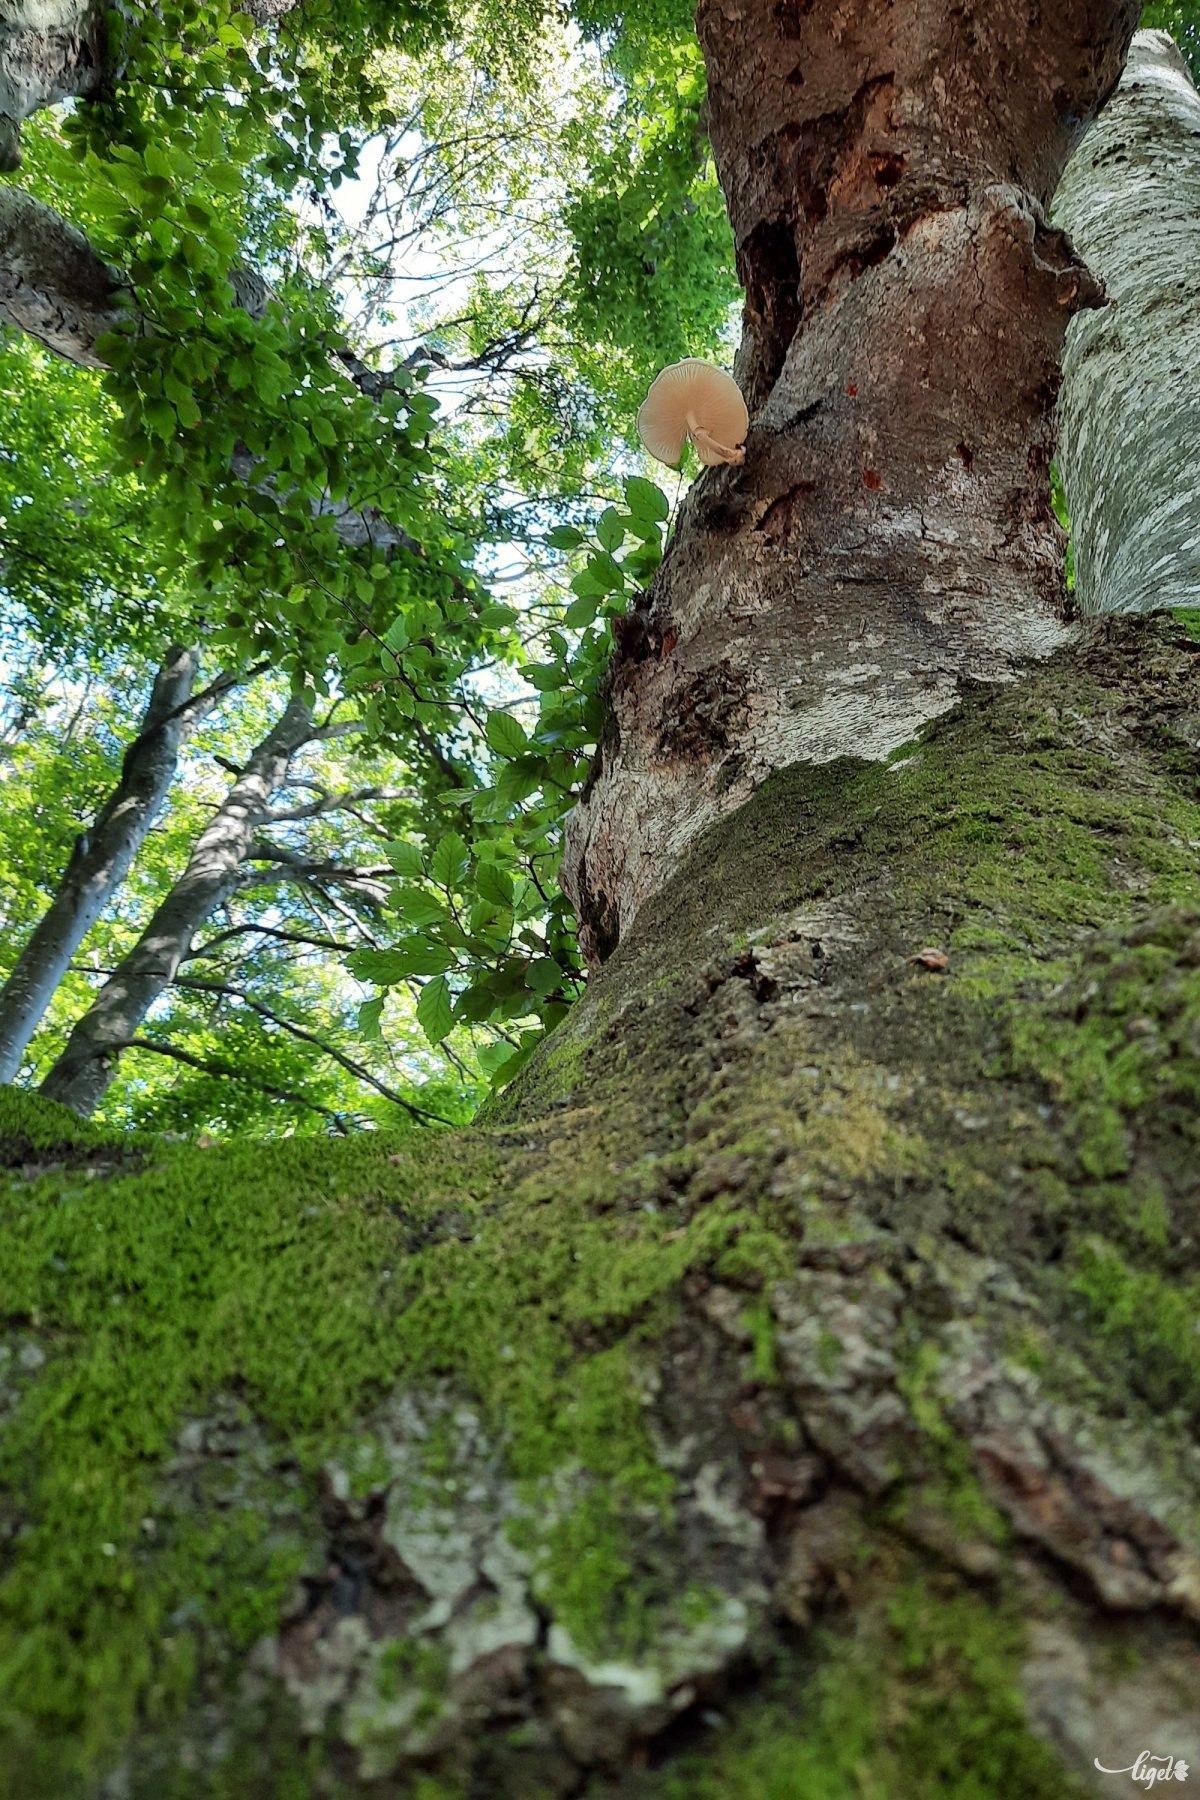 Az erdők szerelmeseinek sem kell itt csalódniuk •  Fotó: Rédai Attila